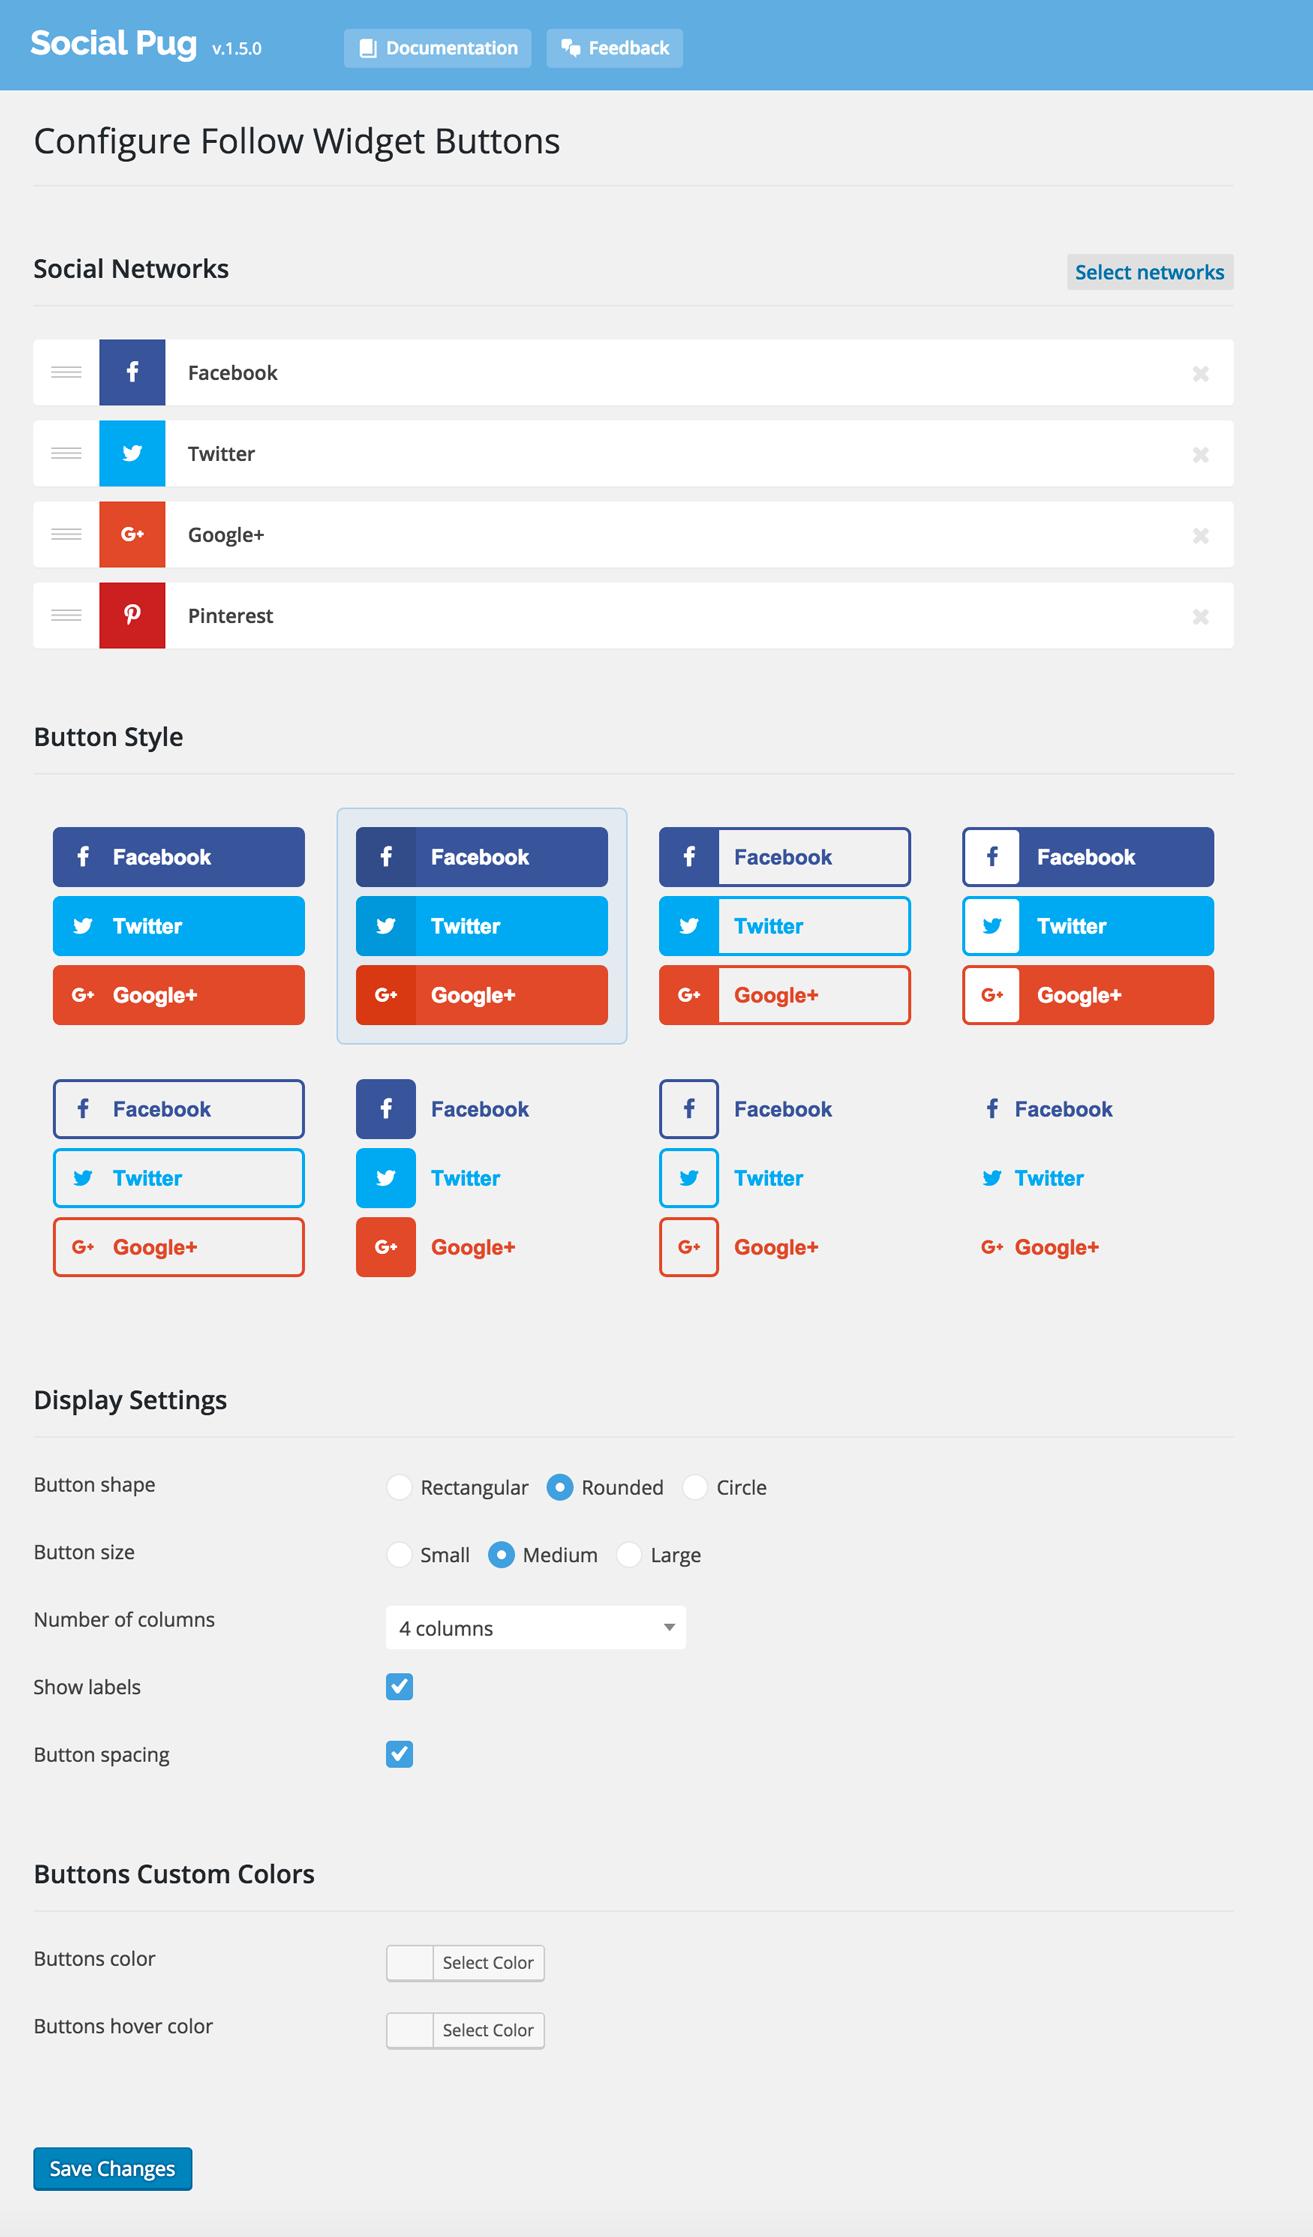 Follow Widget Settings Page